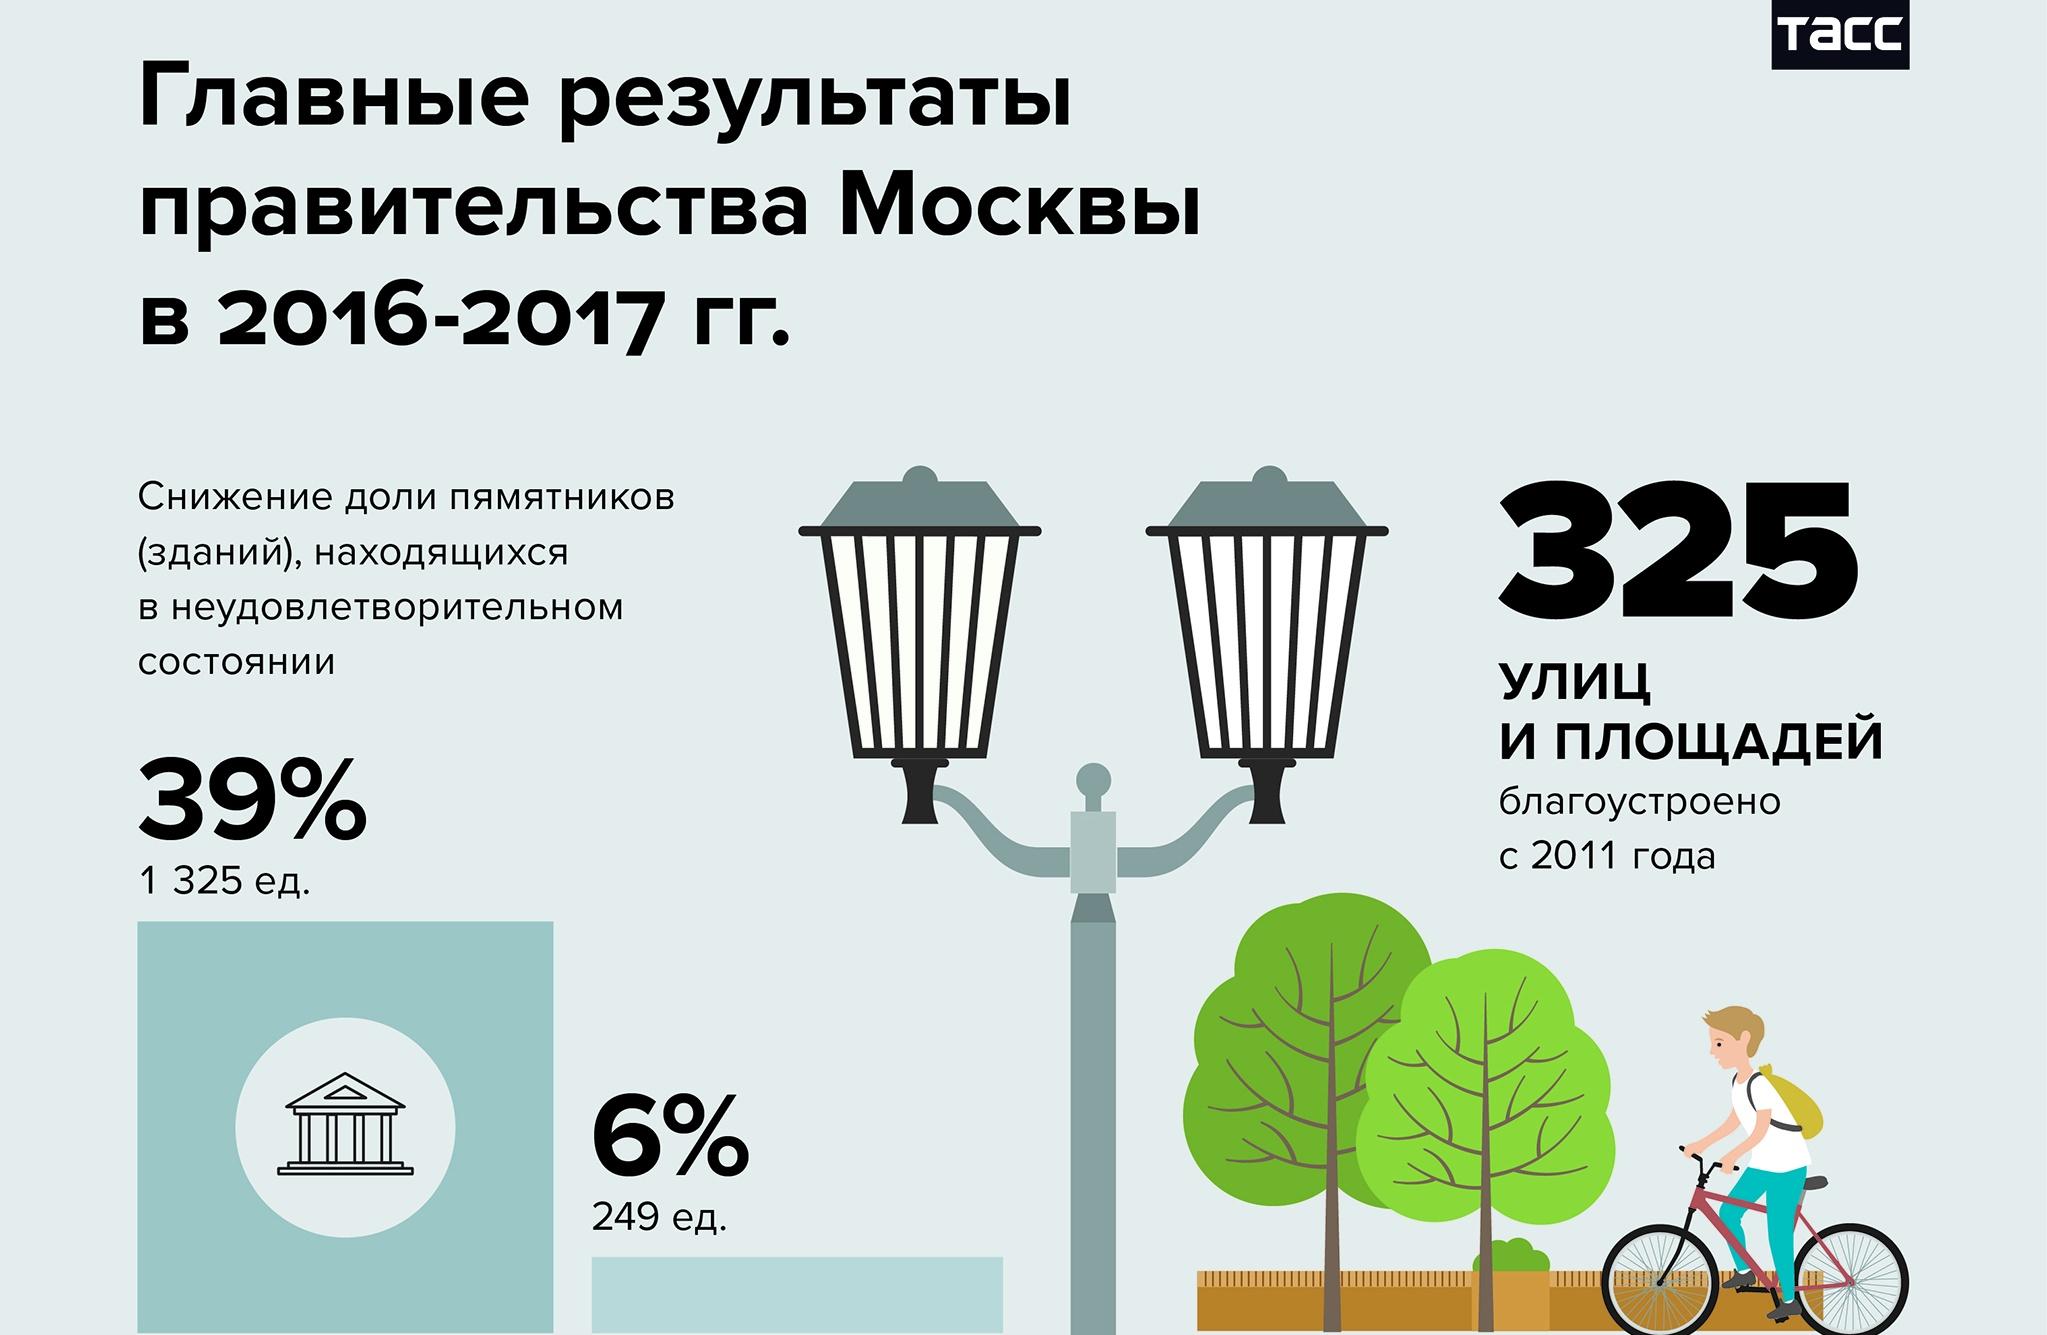 Главные результаты работы правительства Москвы в 2016-2017 годах